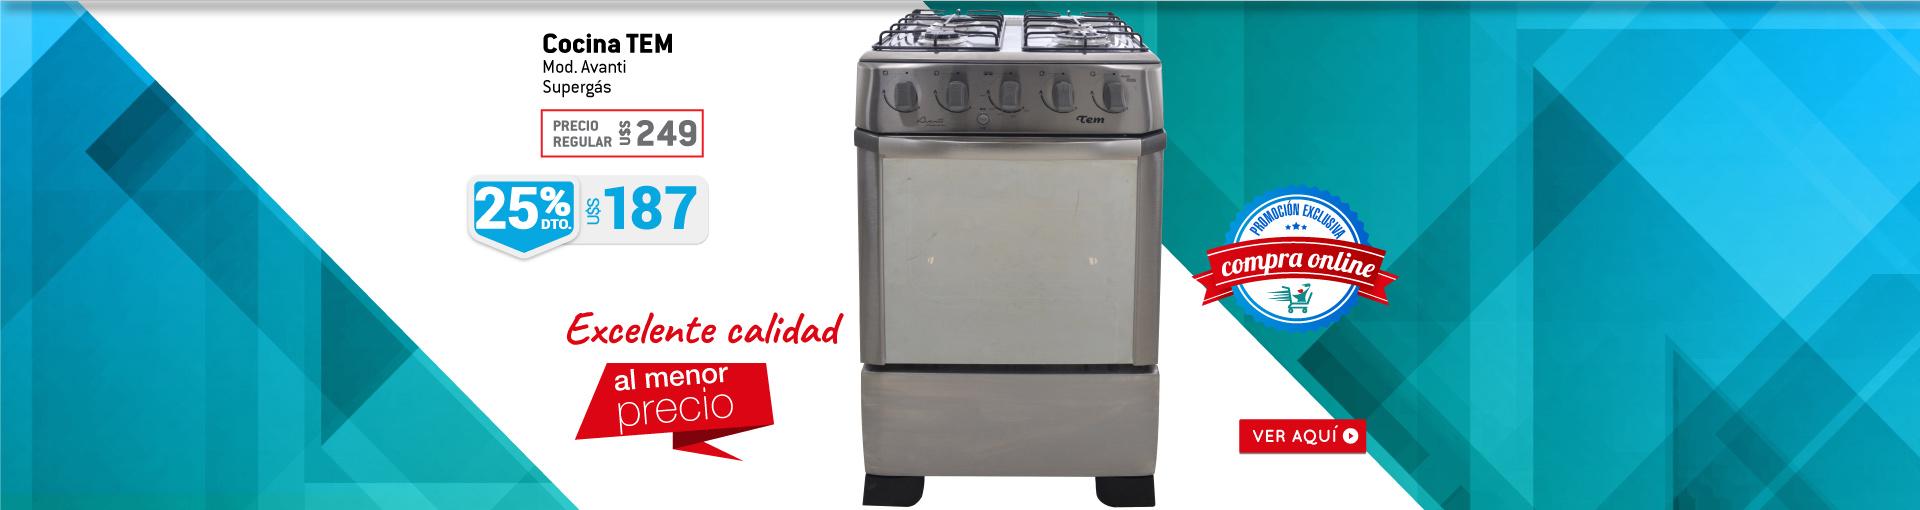 h-706355-cocina-tem-q